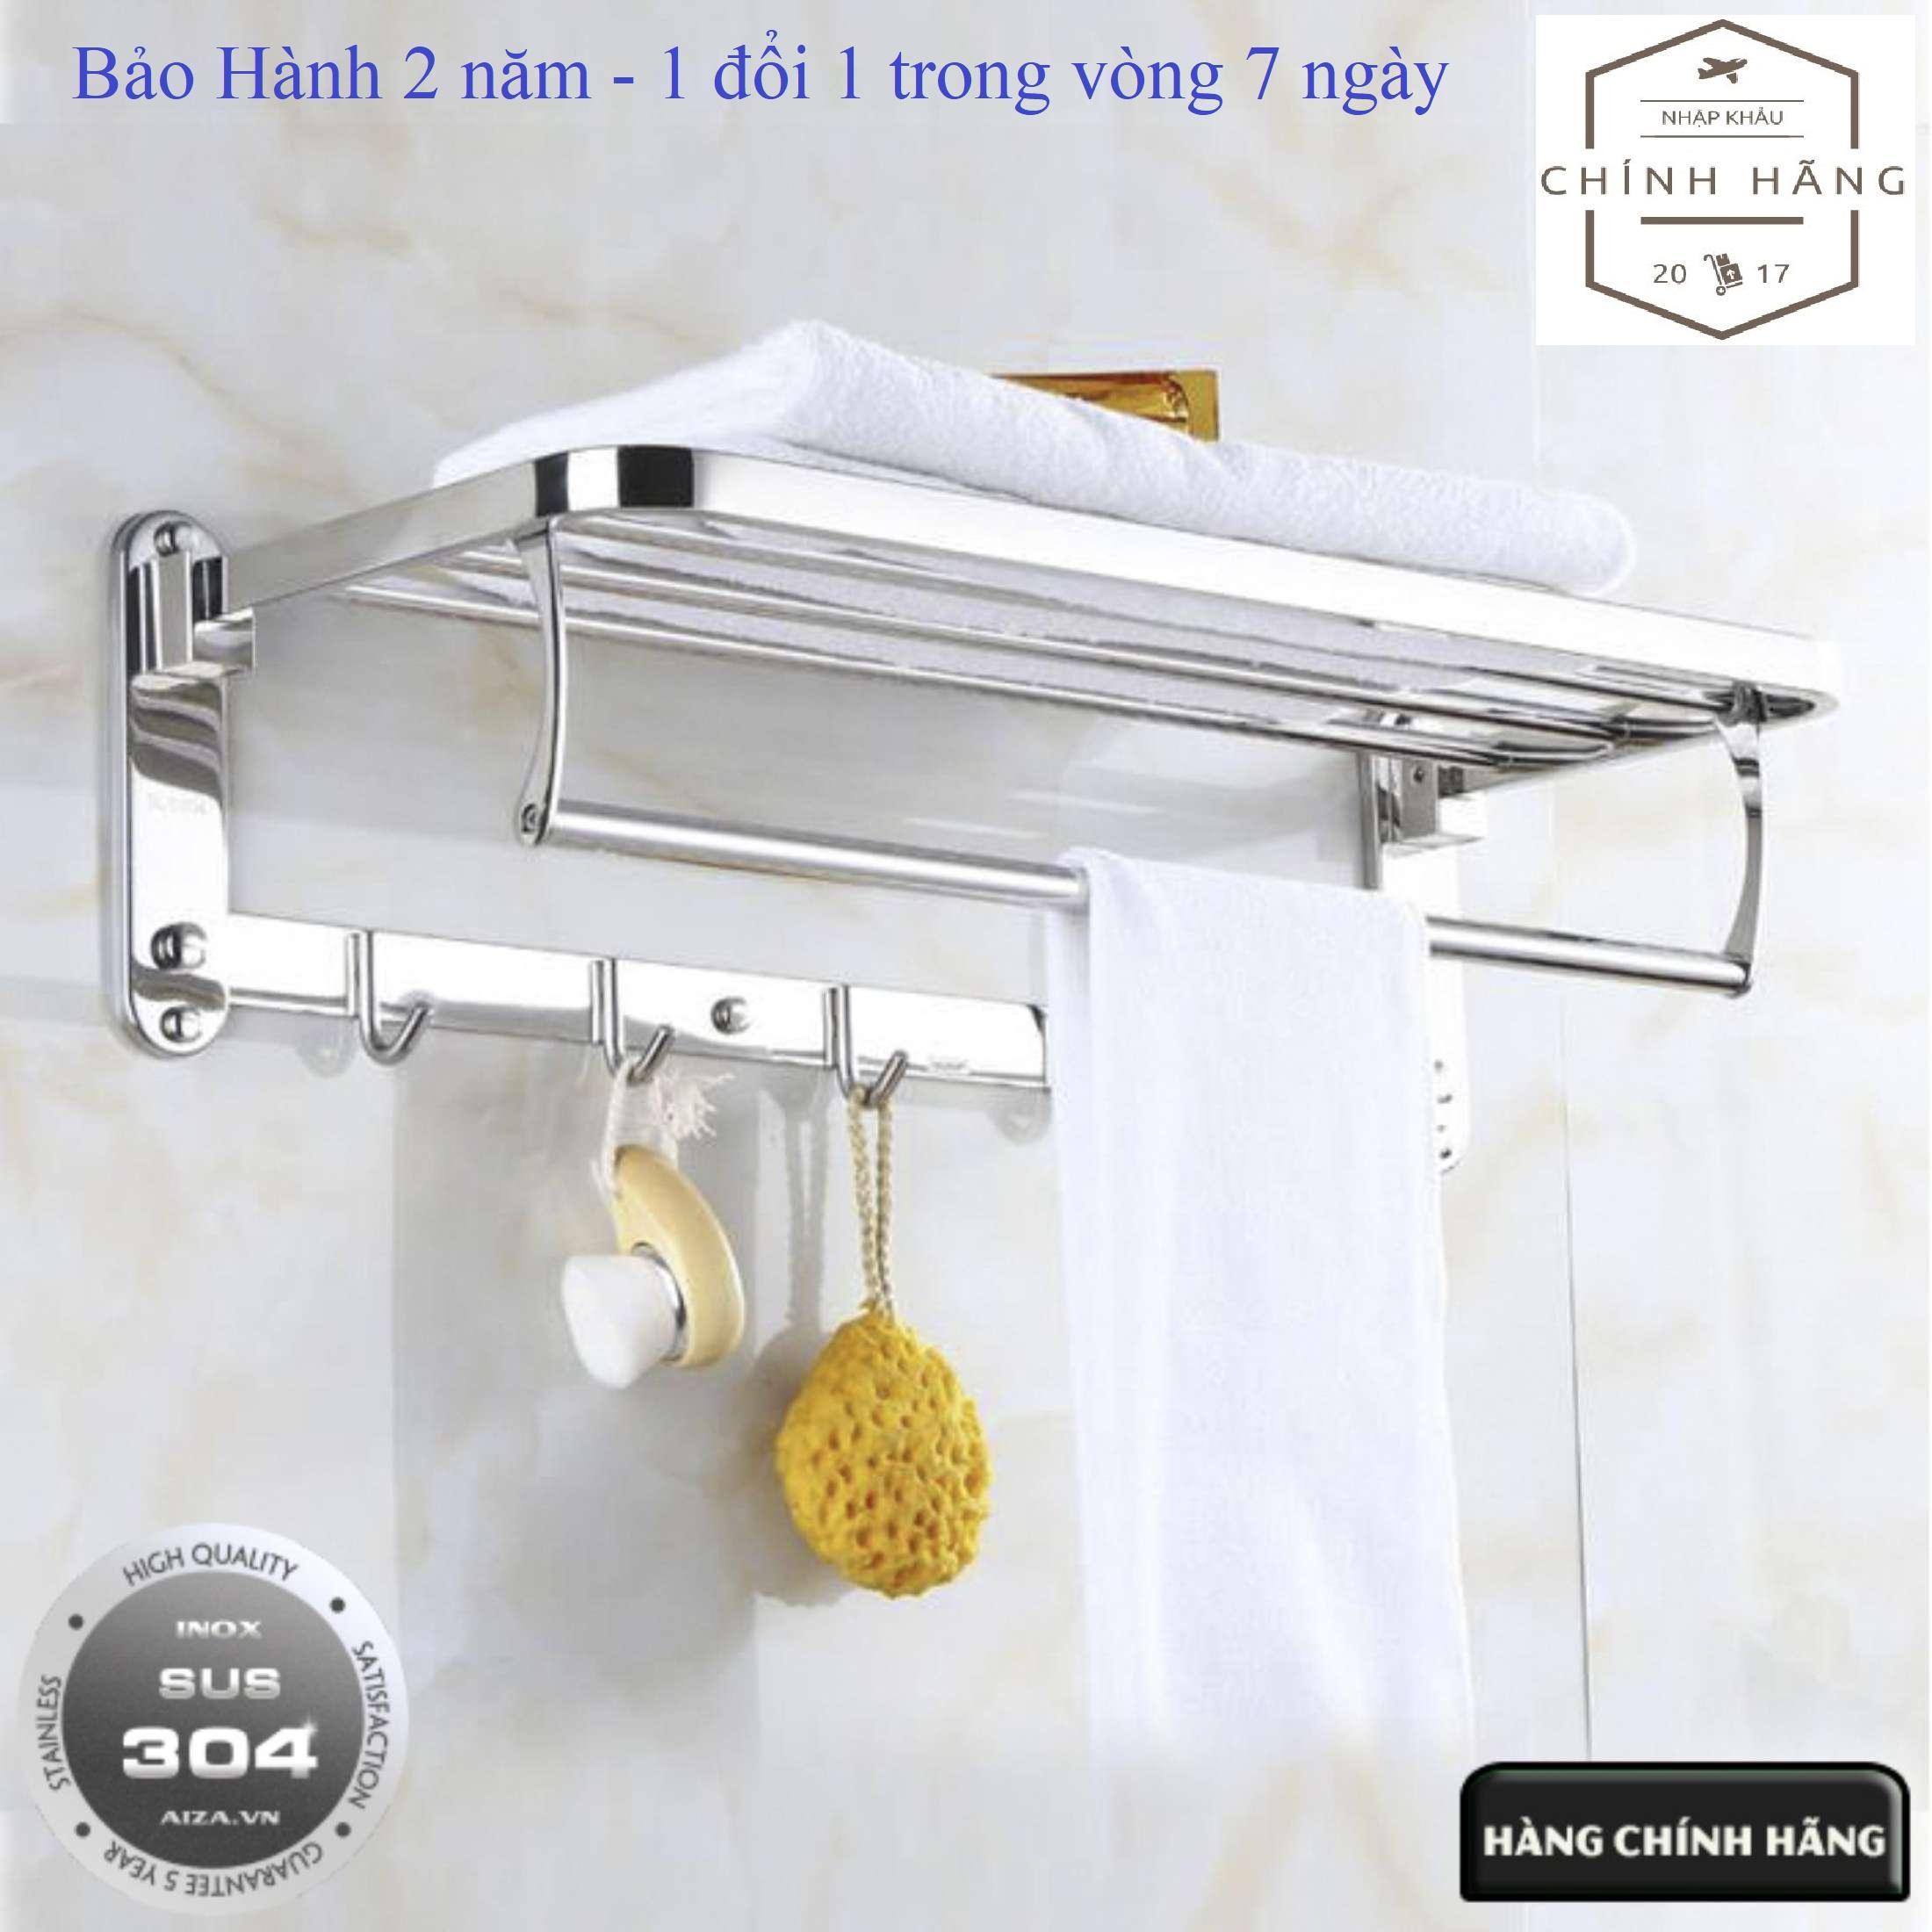 Kệ vắt khăn phòng tắm Gấp Đứng Inox SUS 304 Loại Dày - Nặng 1,2kg cao cấp Không Han Gỉ (Bảo hành 2 năm - 1 đổi 1 trong vòng 7 ngày) Nhật Bản